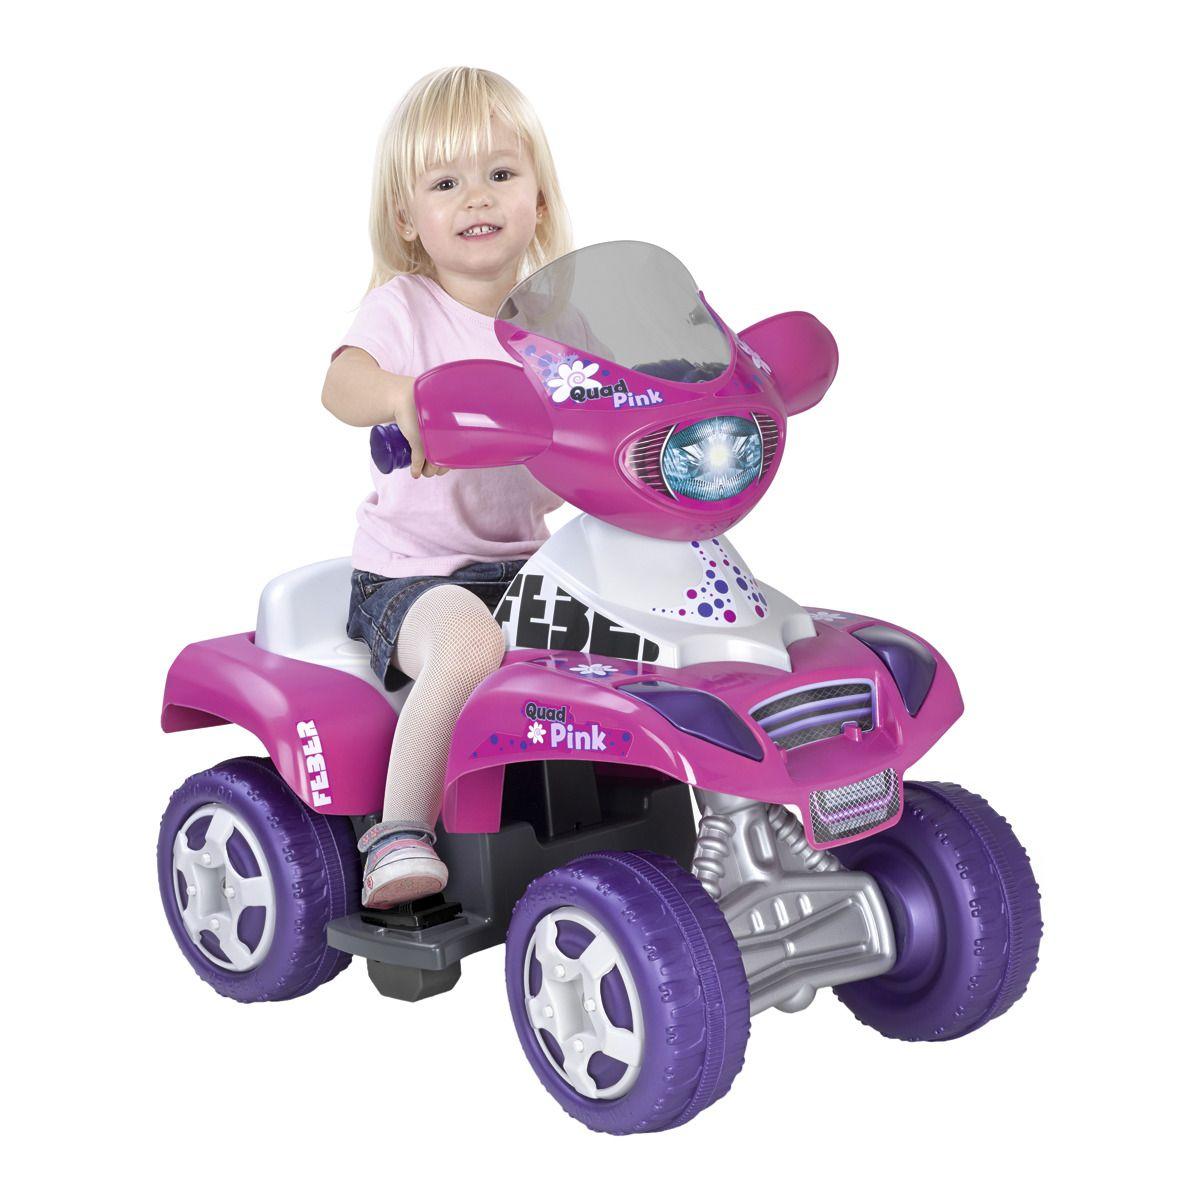 Quad eléctrico infantil 6v Kripton Pink. Feber 10444. Hecho en España, IndalChess.com Tienda de juguetes online y juegos de jardin